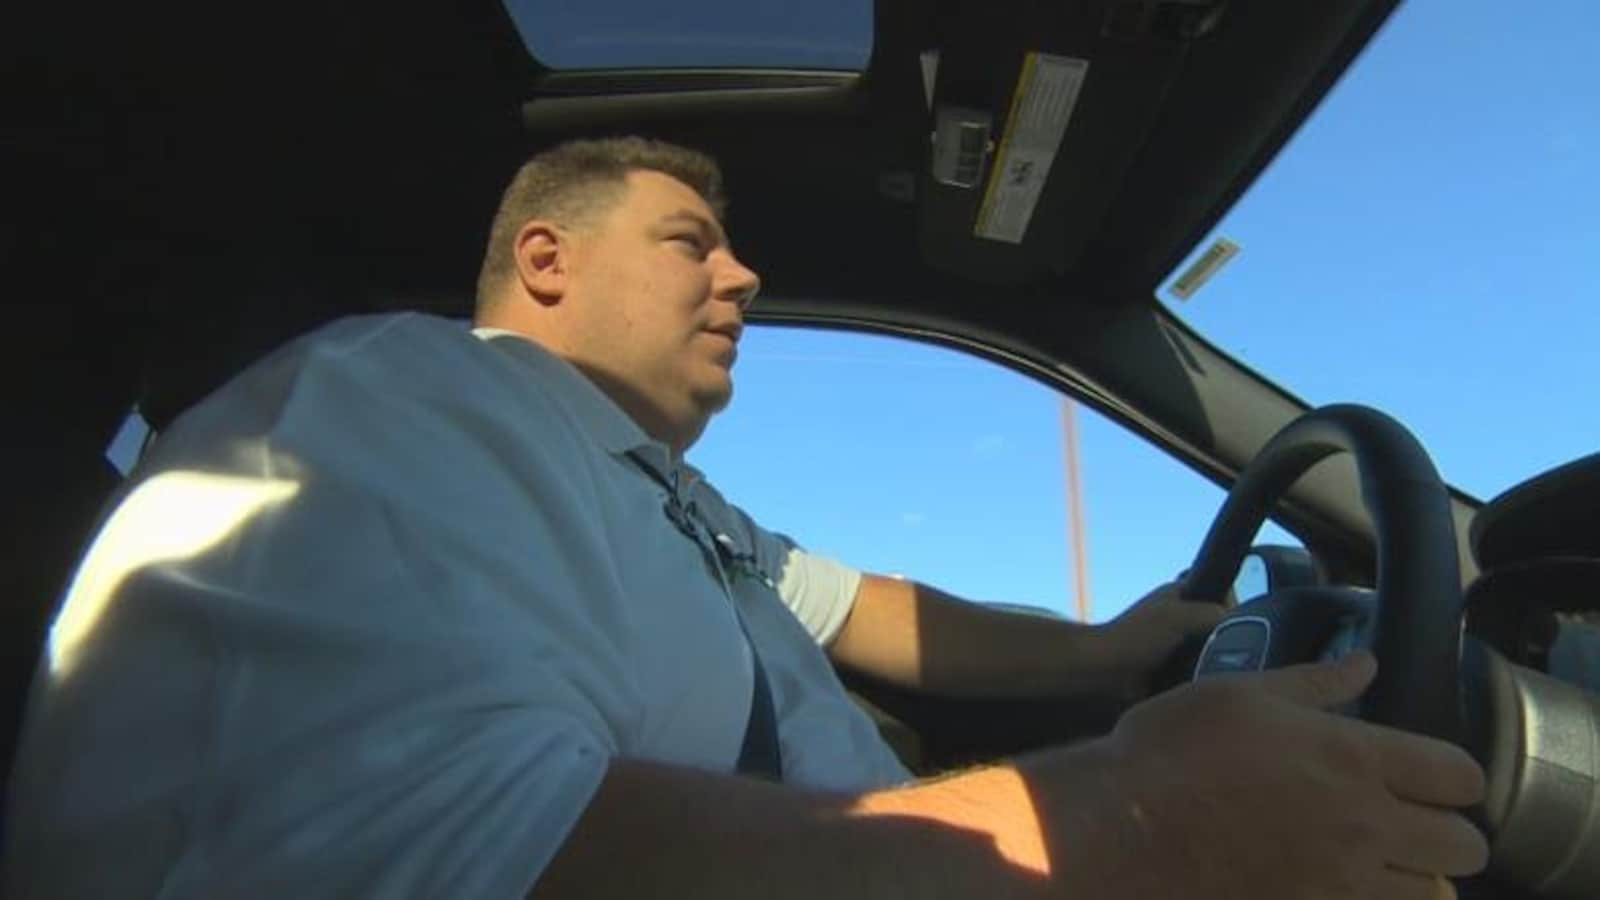 En contre-plongée, photo d'un homme de corpulence forte qui conduit un véhicule sous un ciel bleu.